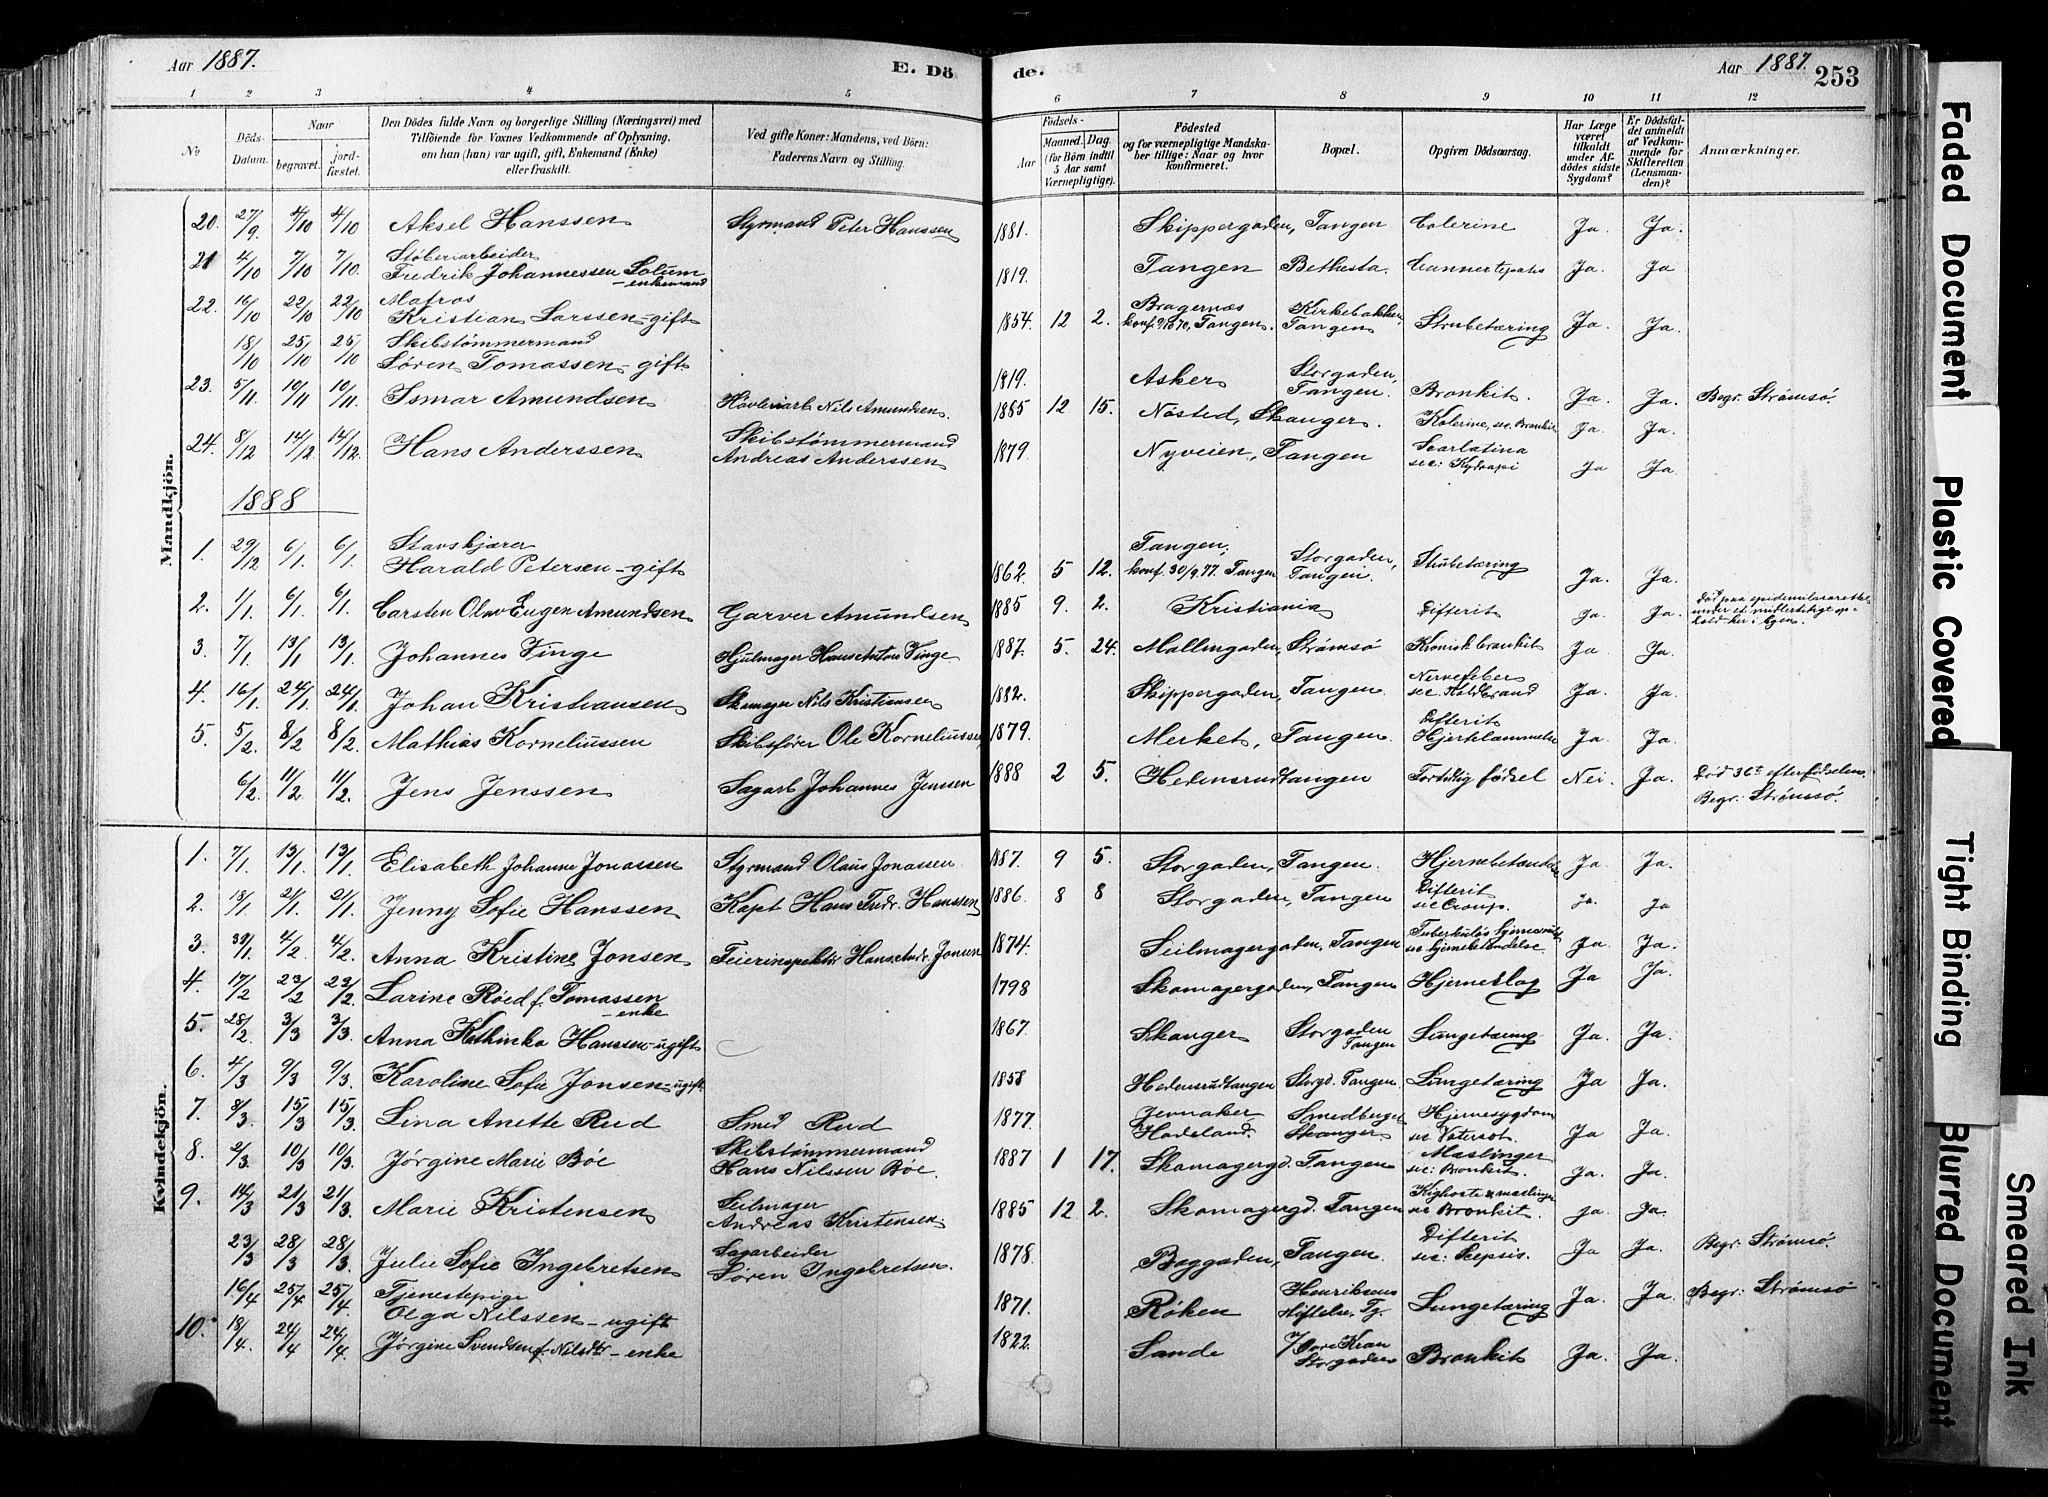 SAKO, Strømsø kirkebøker, F/Fb/L0006: Ministerialbok nr. II 6, 1879-1910, s. 253